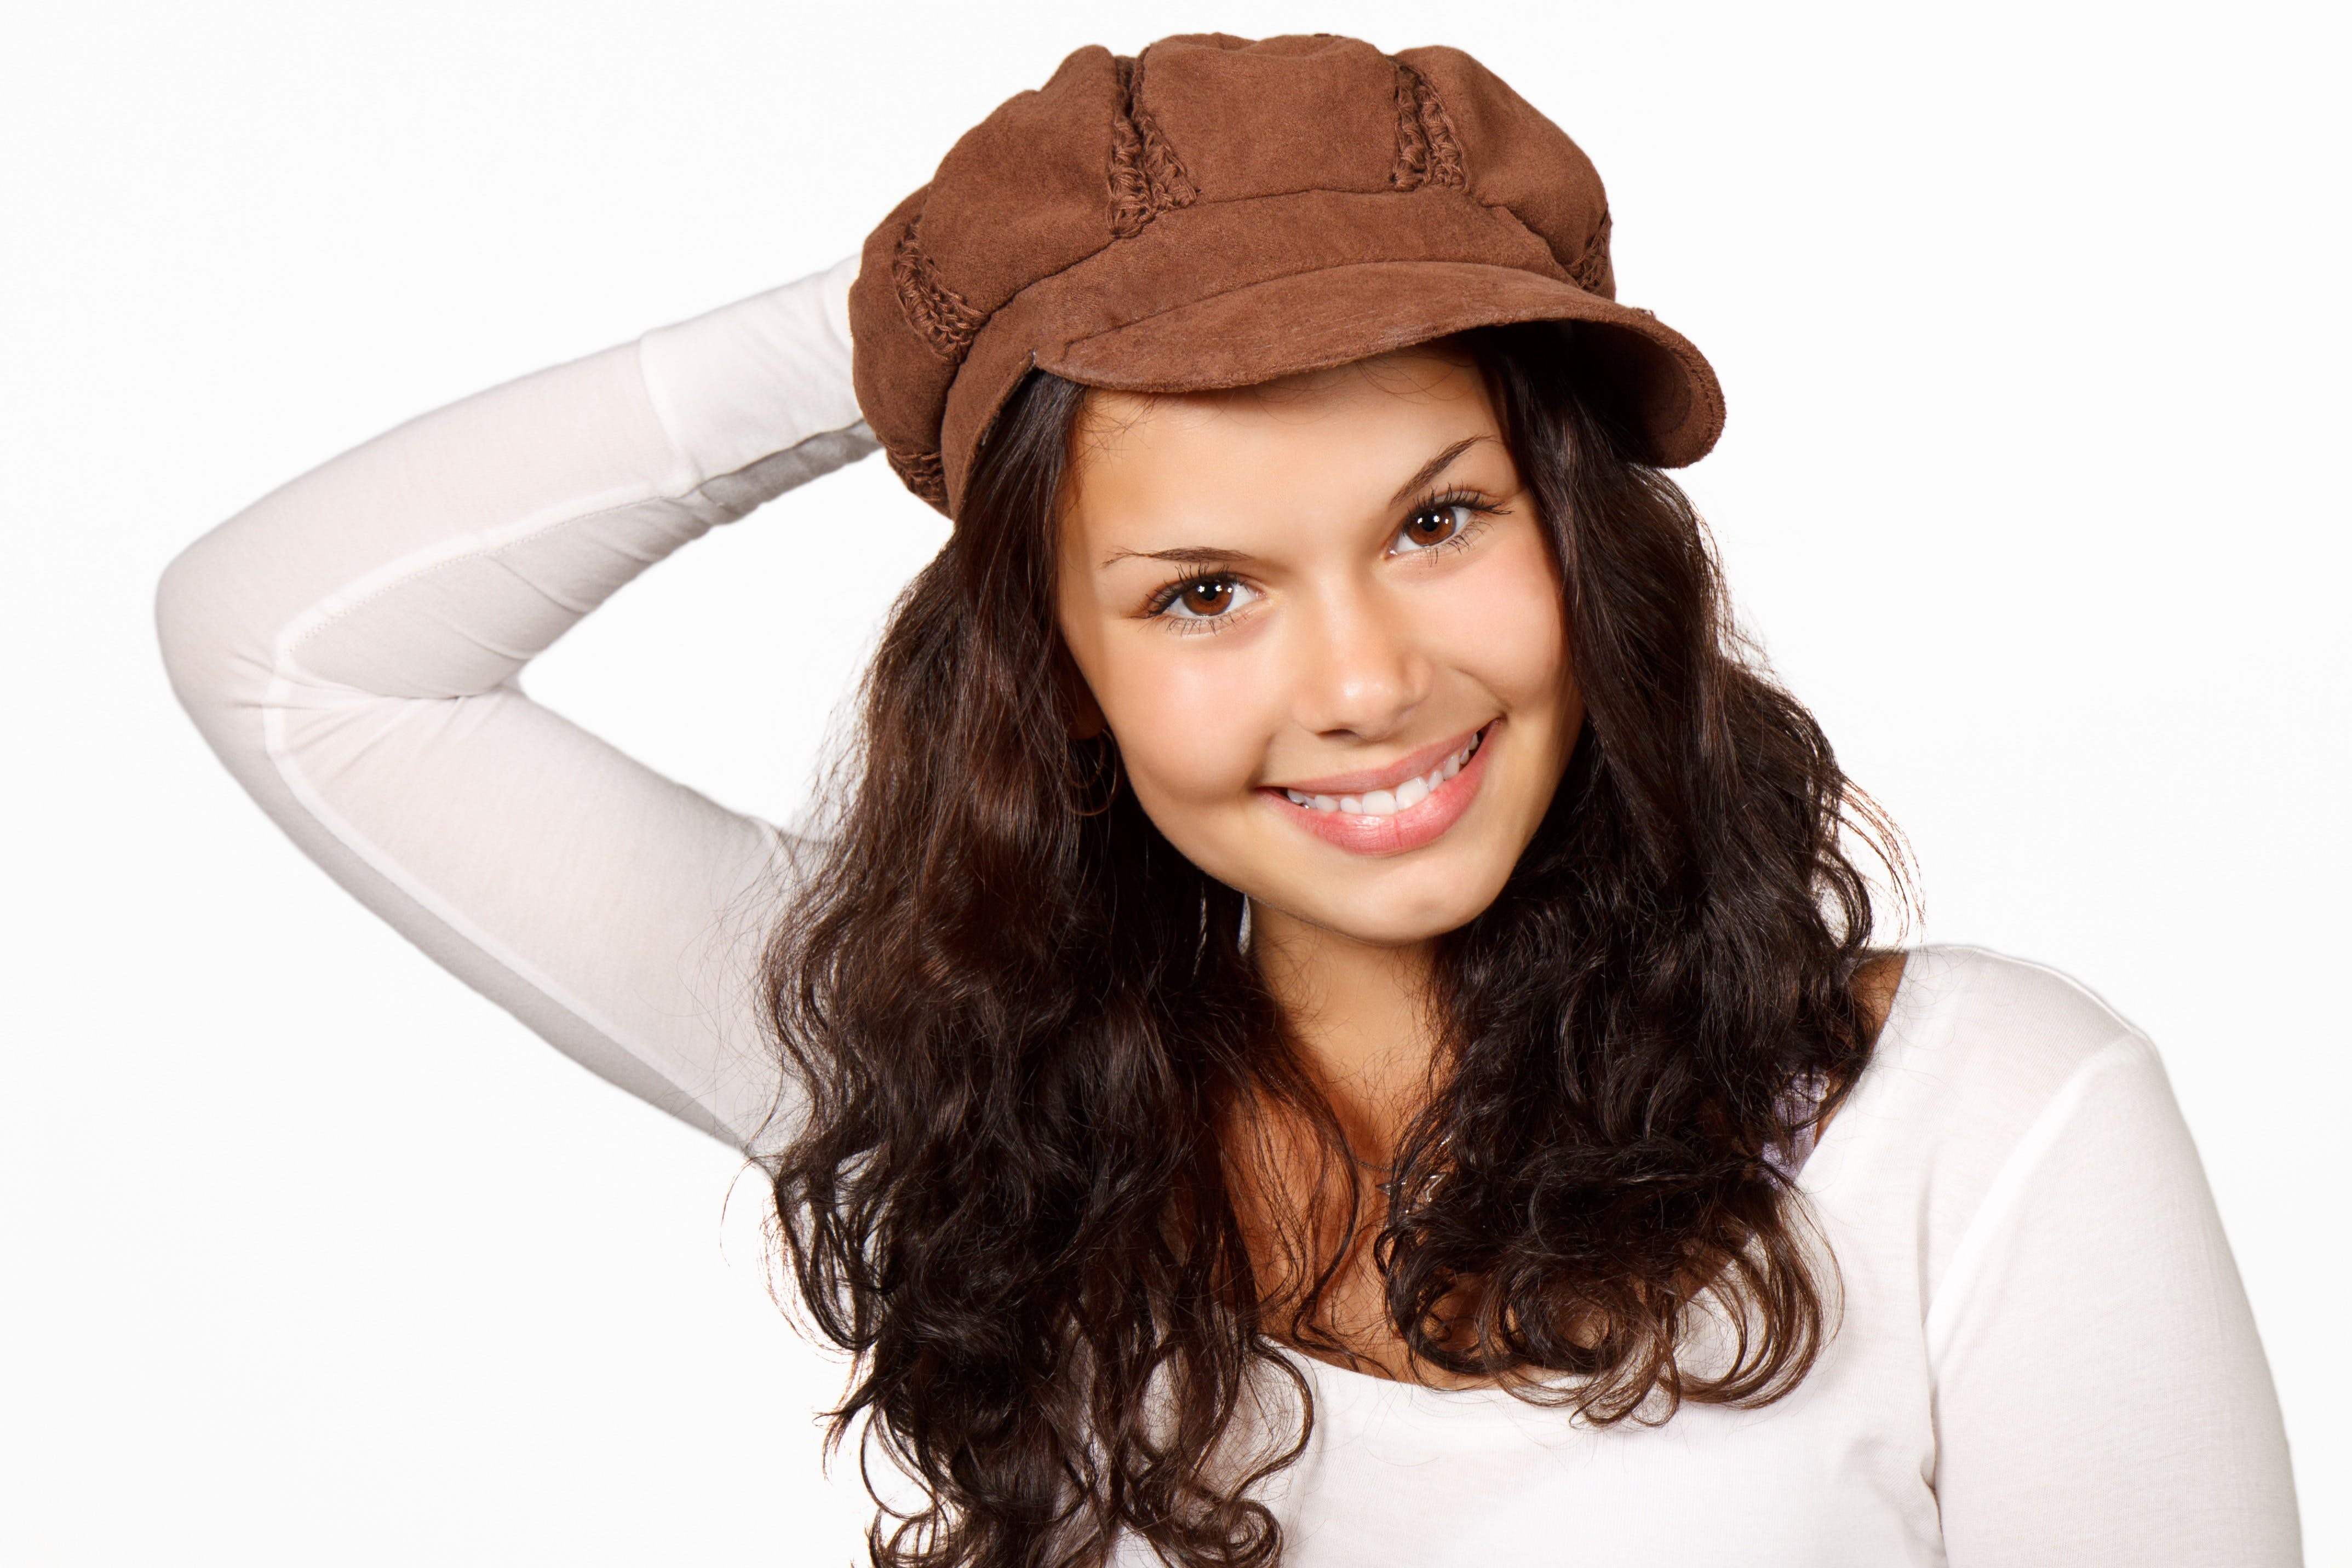 갈색 머리, 모델, 모자, 미소 짓는의 무료 스톡 사진